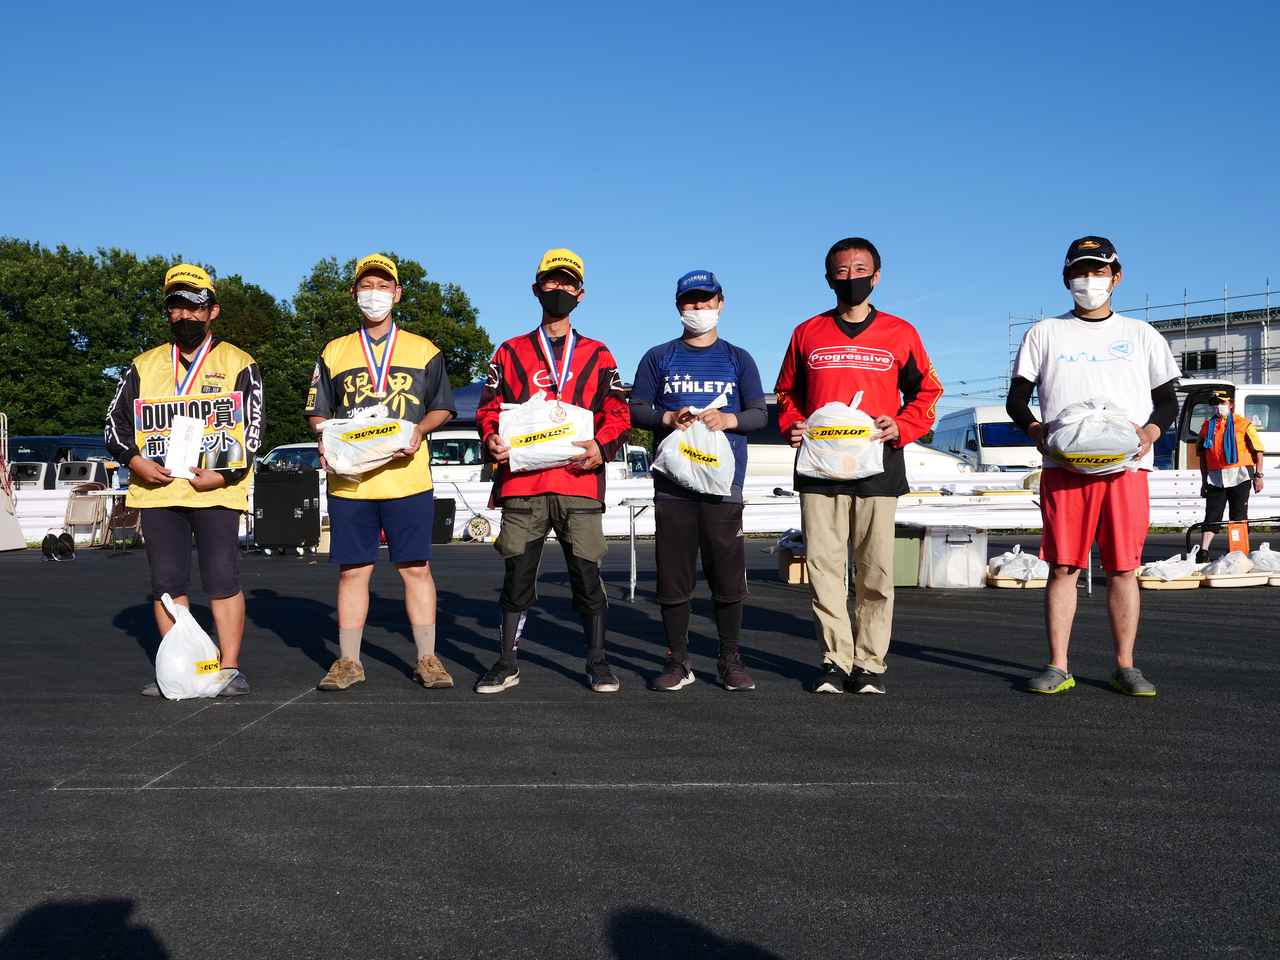 画像: ●B級入賞者 左から1位・木村健太選手、2位・濱田 令選手、3位・池浦彰寿選手、4位・井川洋一選手、5位・関根 健選手、6位・柳田悦豪選手